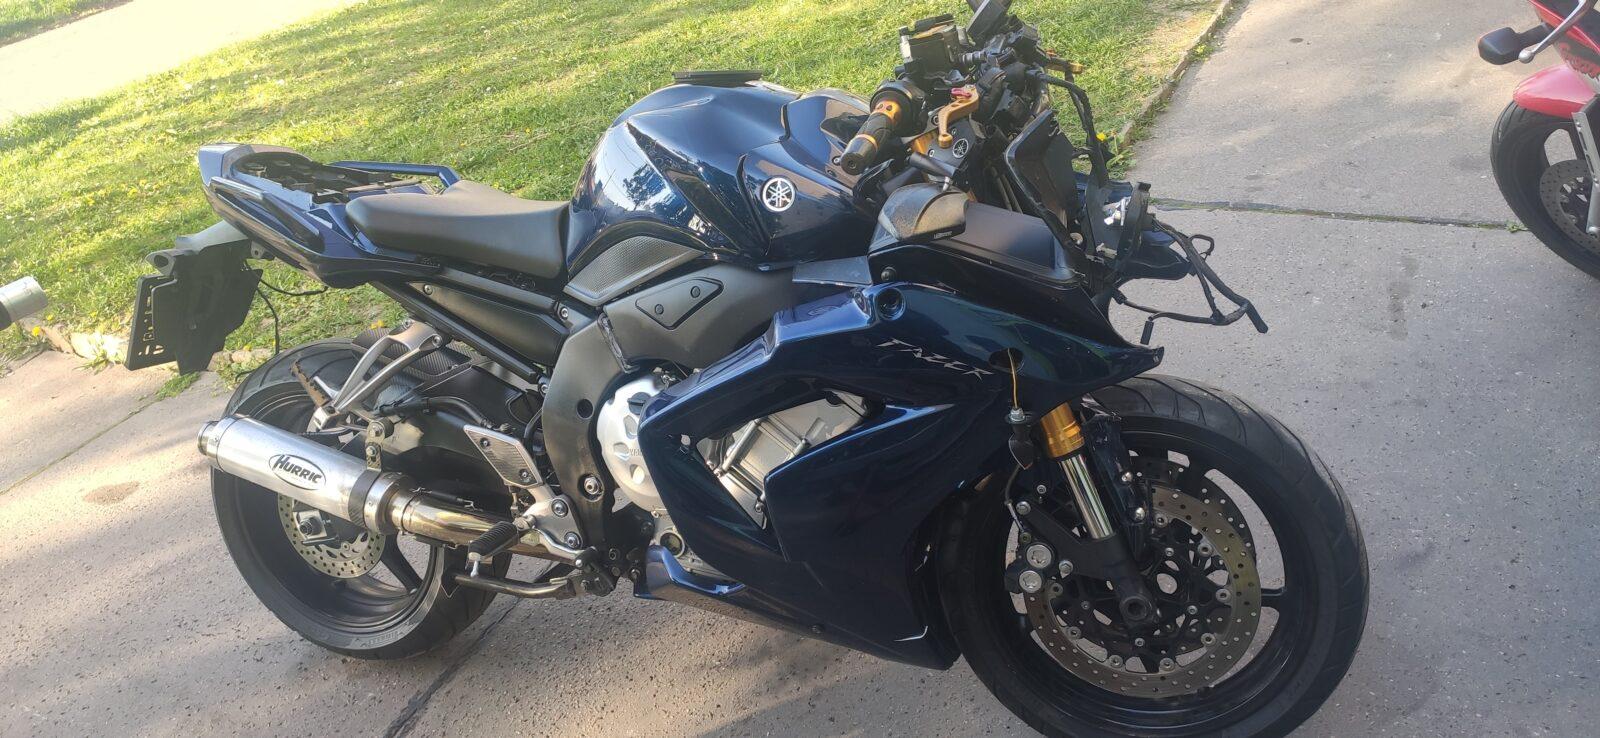 Unfall Motorrad Verkaufen